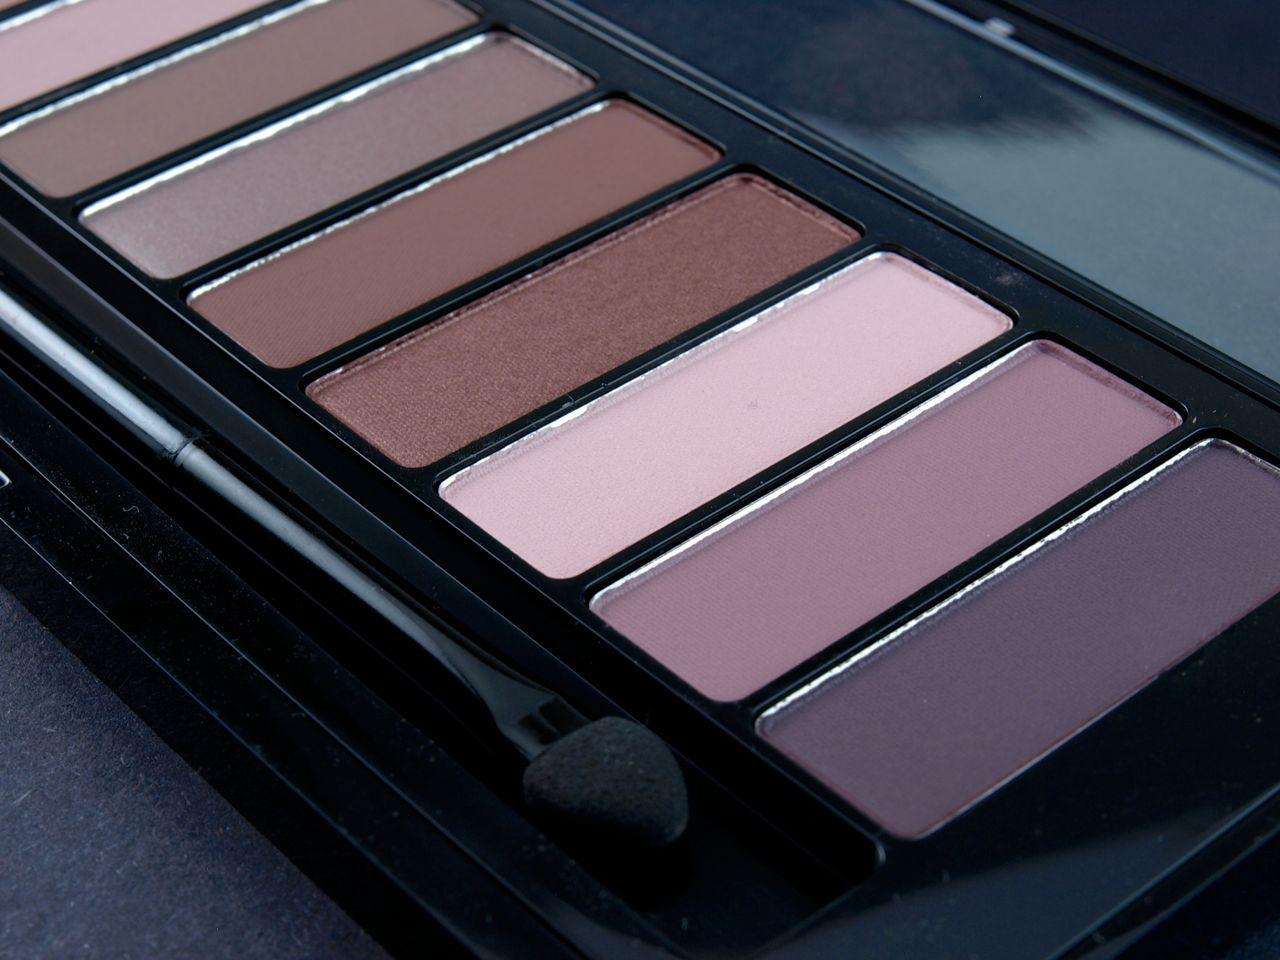 LOréal Color Riche La Palette Nude 7g - Rose   Cudo Shopping